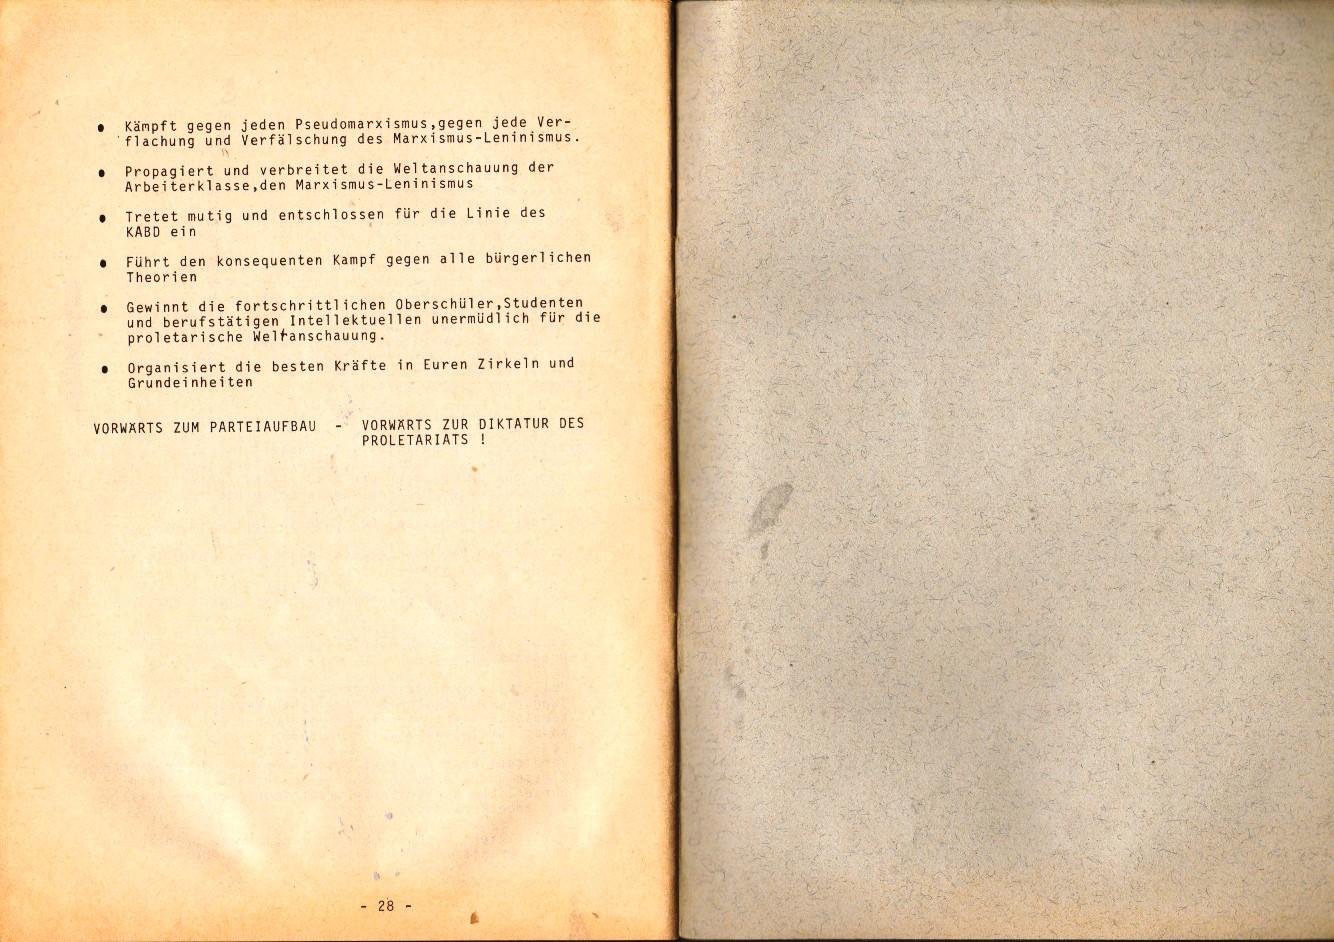 KABD_1976_Parteiaufbau_und_Intellektuellenfrage_18